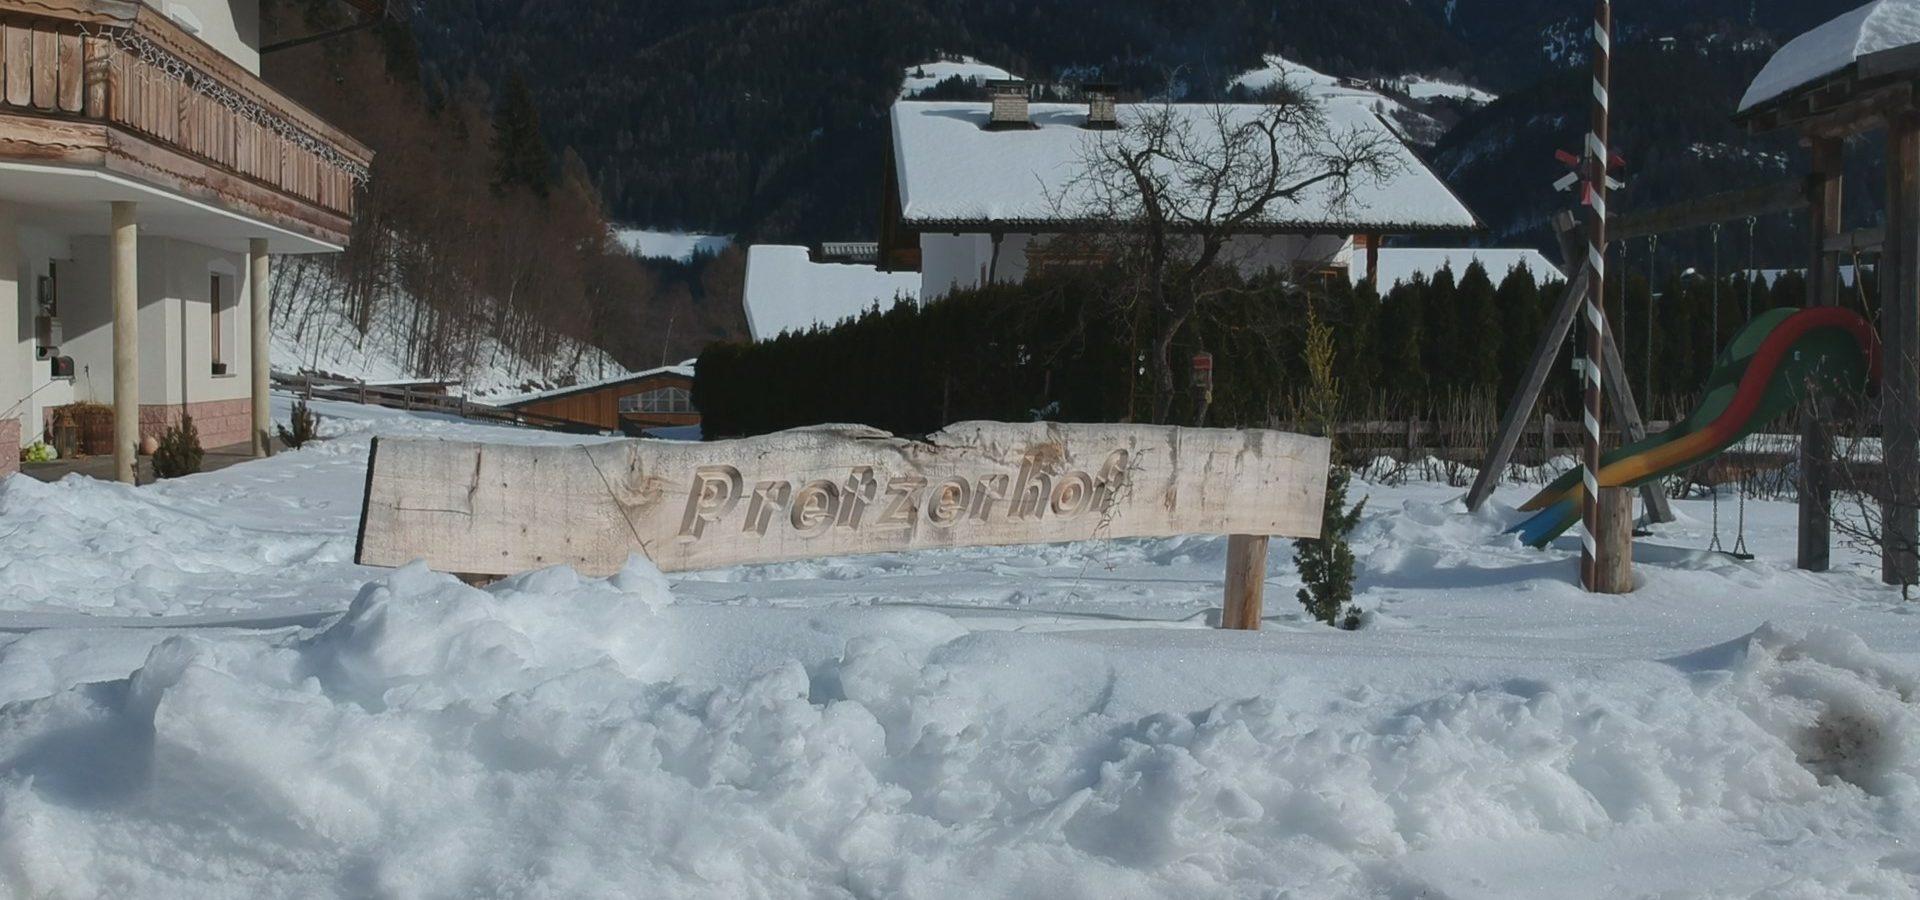 Pretzerhof_Schnee